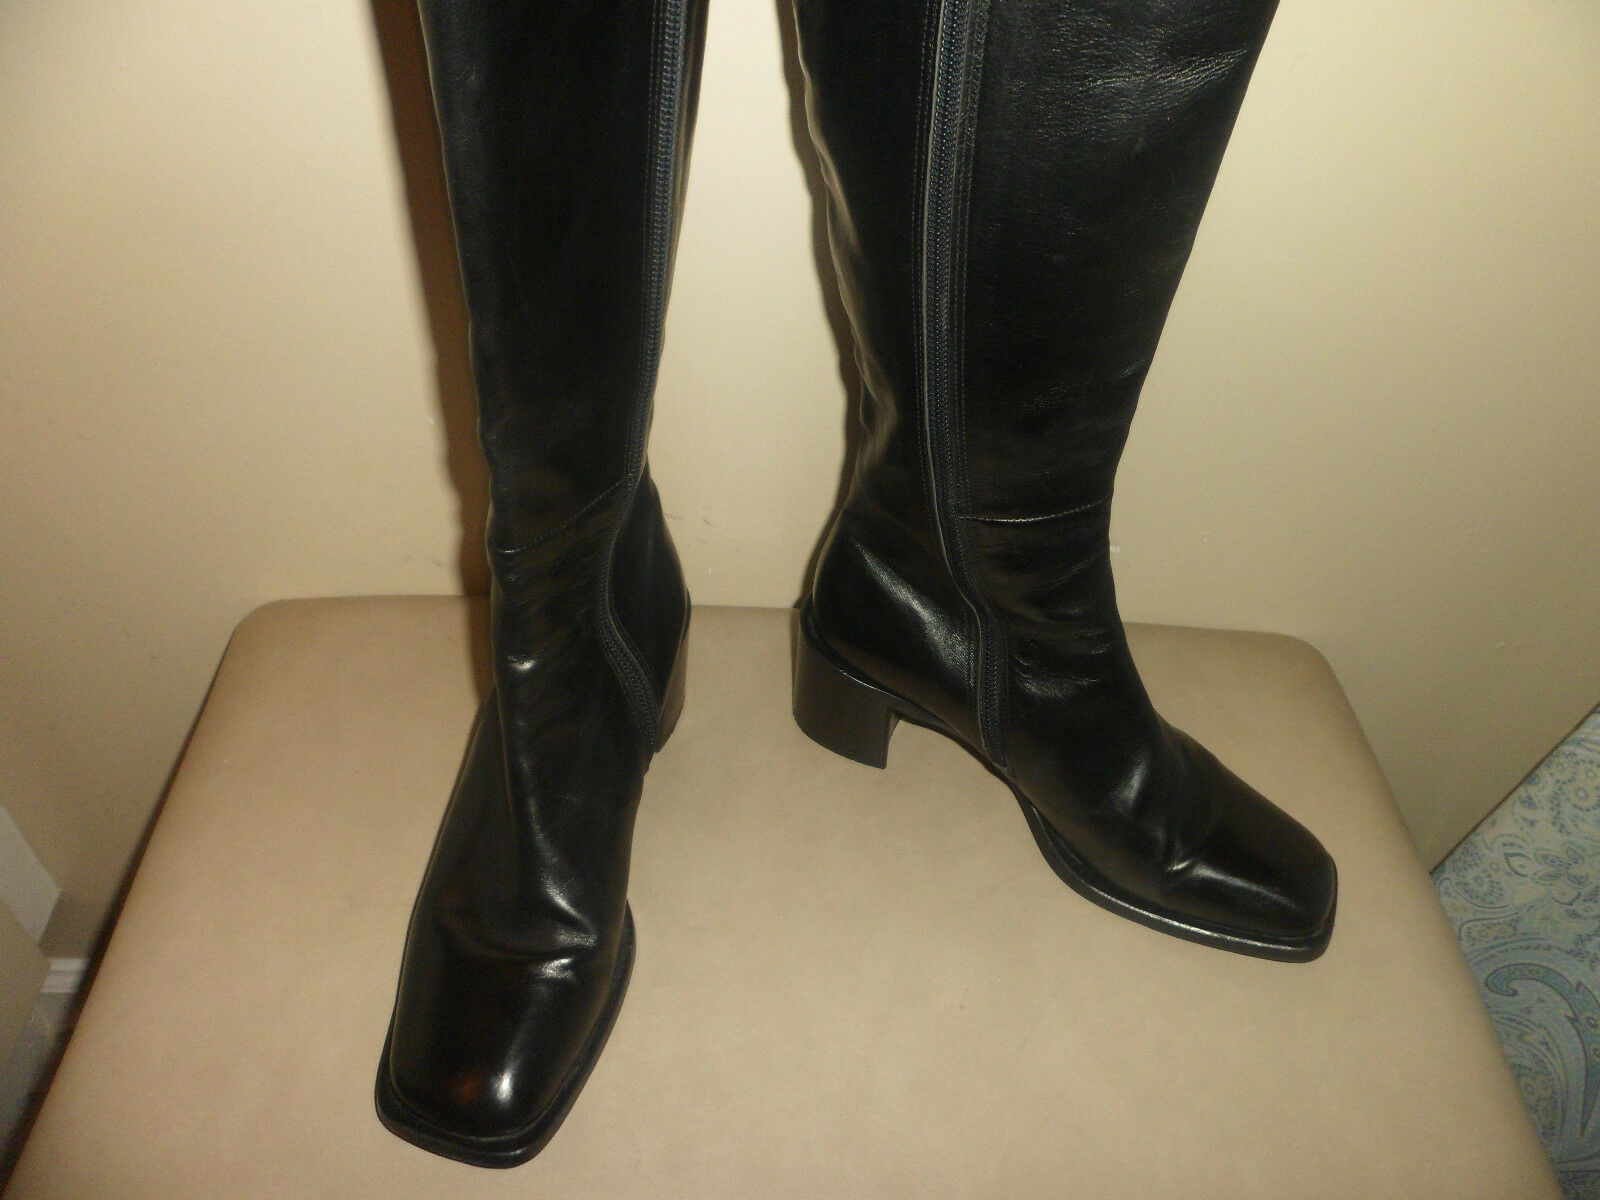 Para Para Para mujer Joan Helpern Firma todo el cuero negro cremallera hasta la rodilla botas altas talla 7 M  marcas en línea venta barata